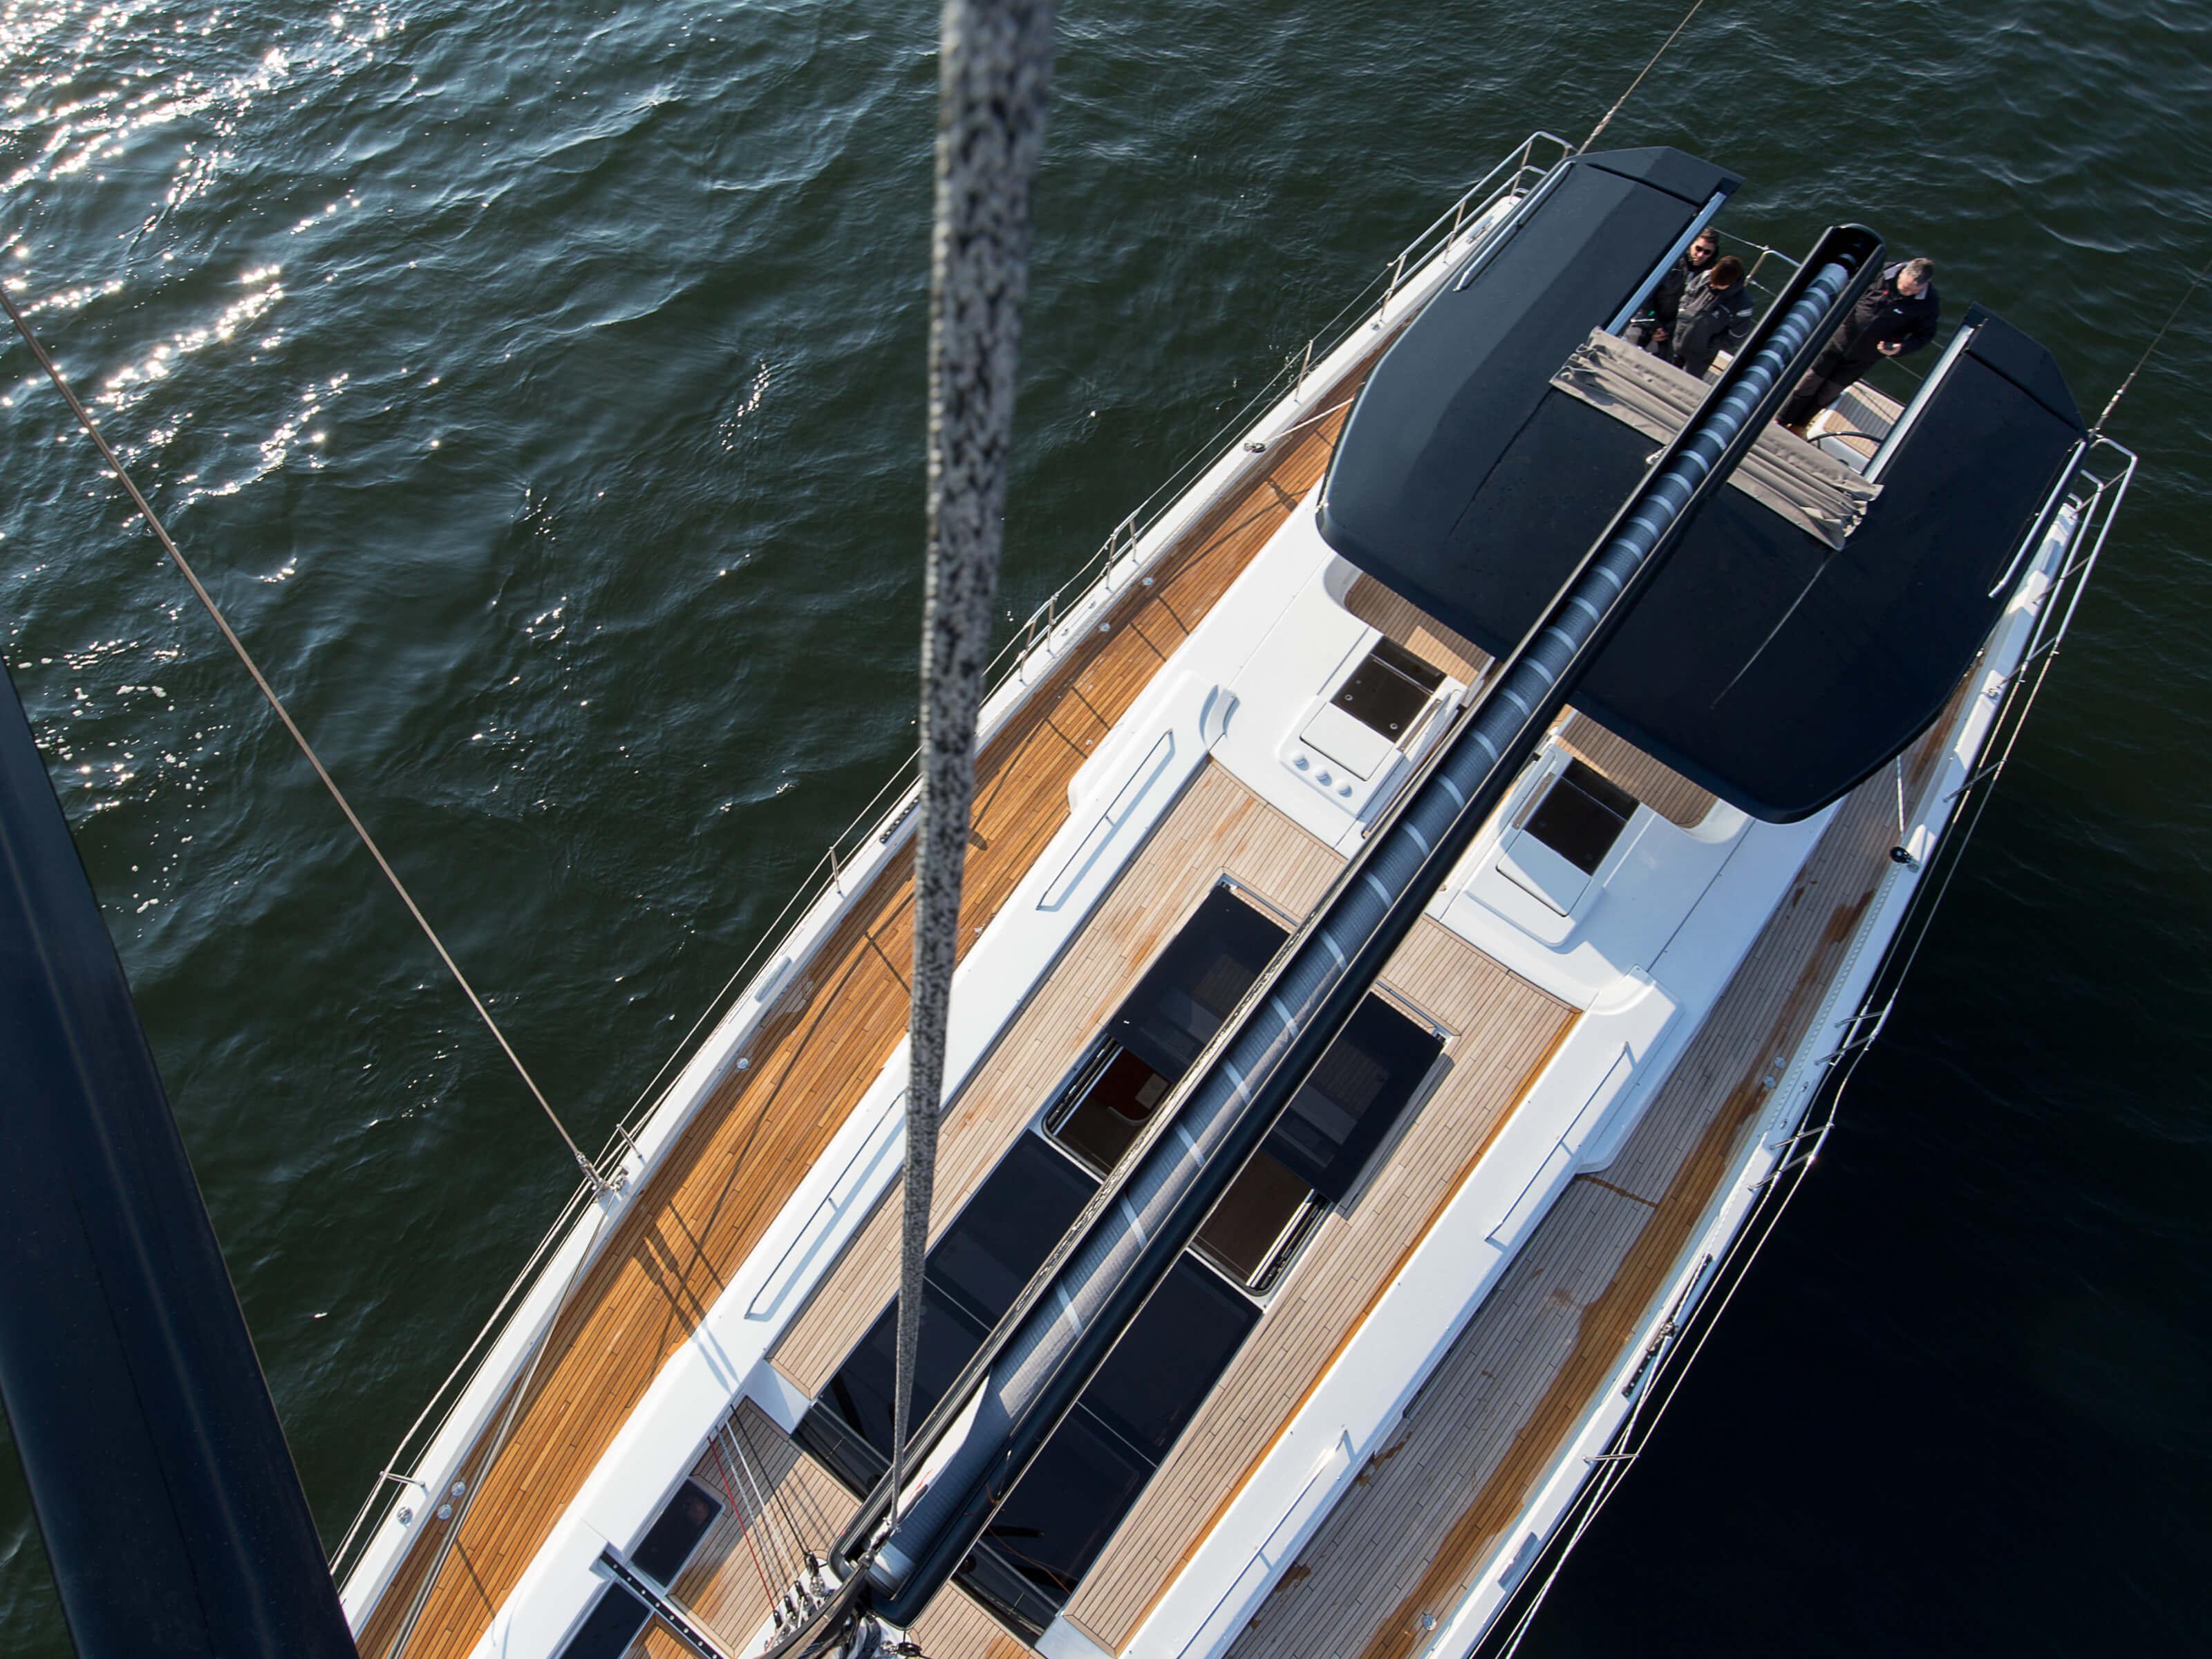 Hanse 675 | HANSE yatları modern, fonksiyonel tasarımlarıyla büyülüyor. Benzersiz, yalın zerafetleri dünyanın en iyi ve deneyimli yat tasarımcıları judel/vrolijk & co.'nin elinden çıkan performansla bir araya geliyor. | Hanse